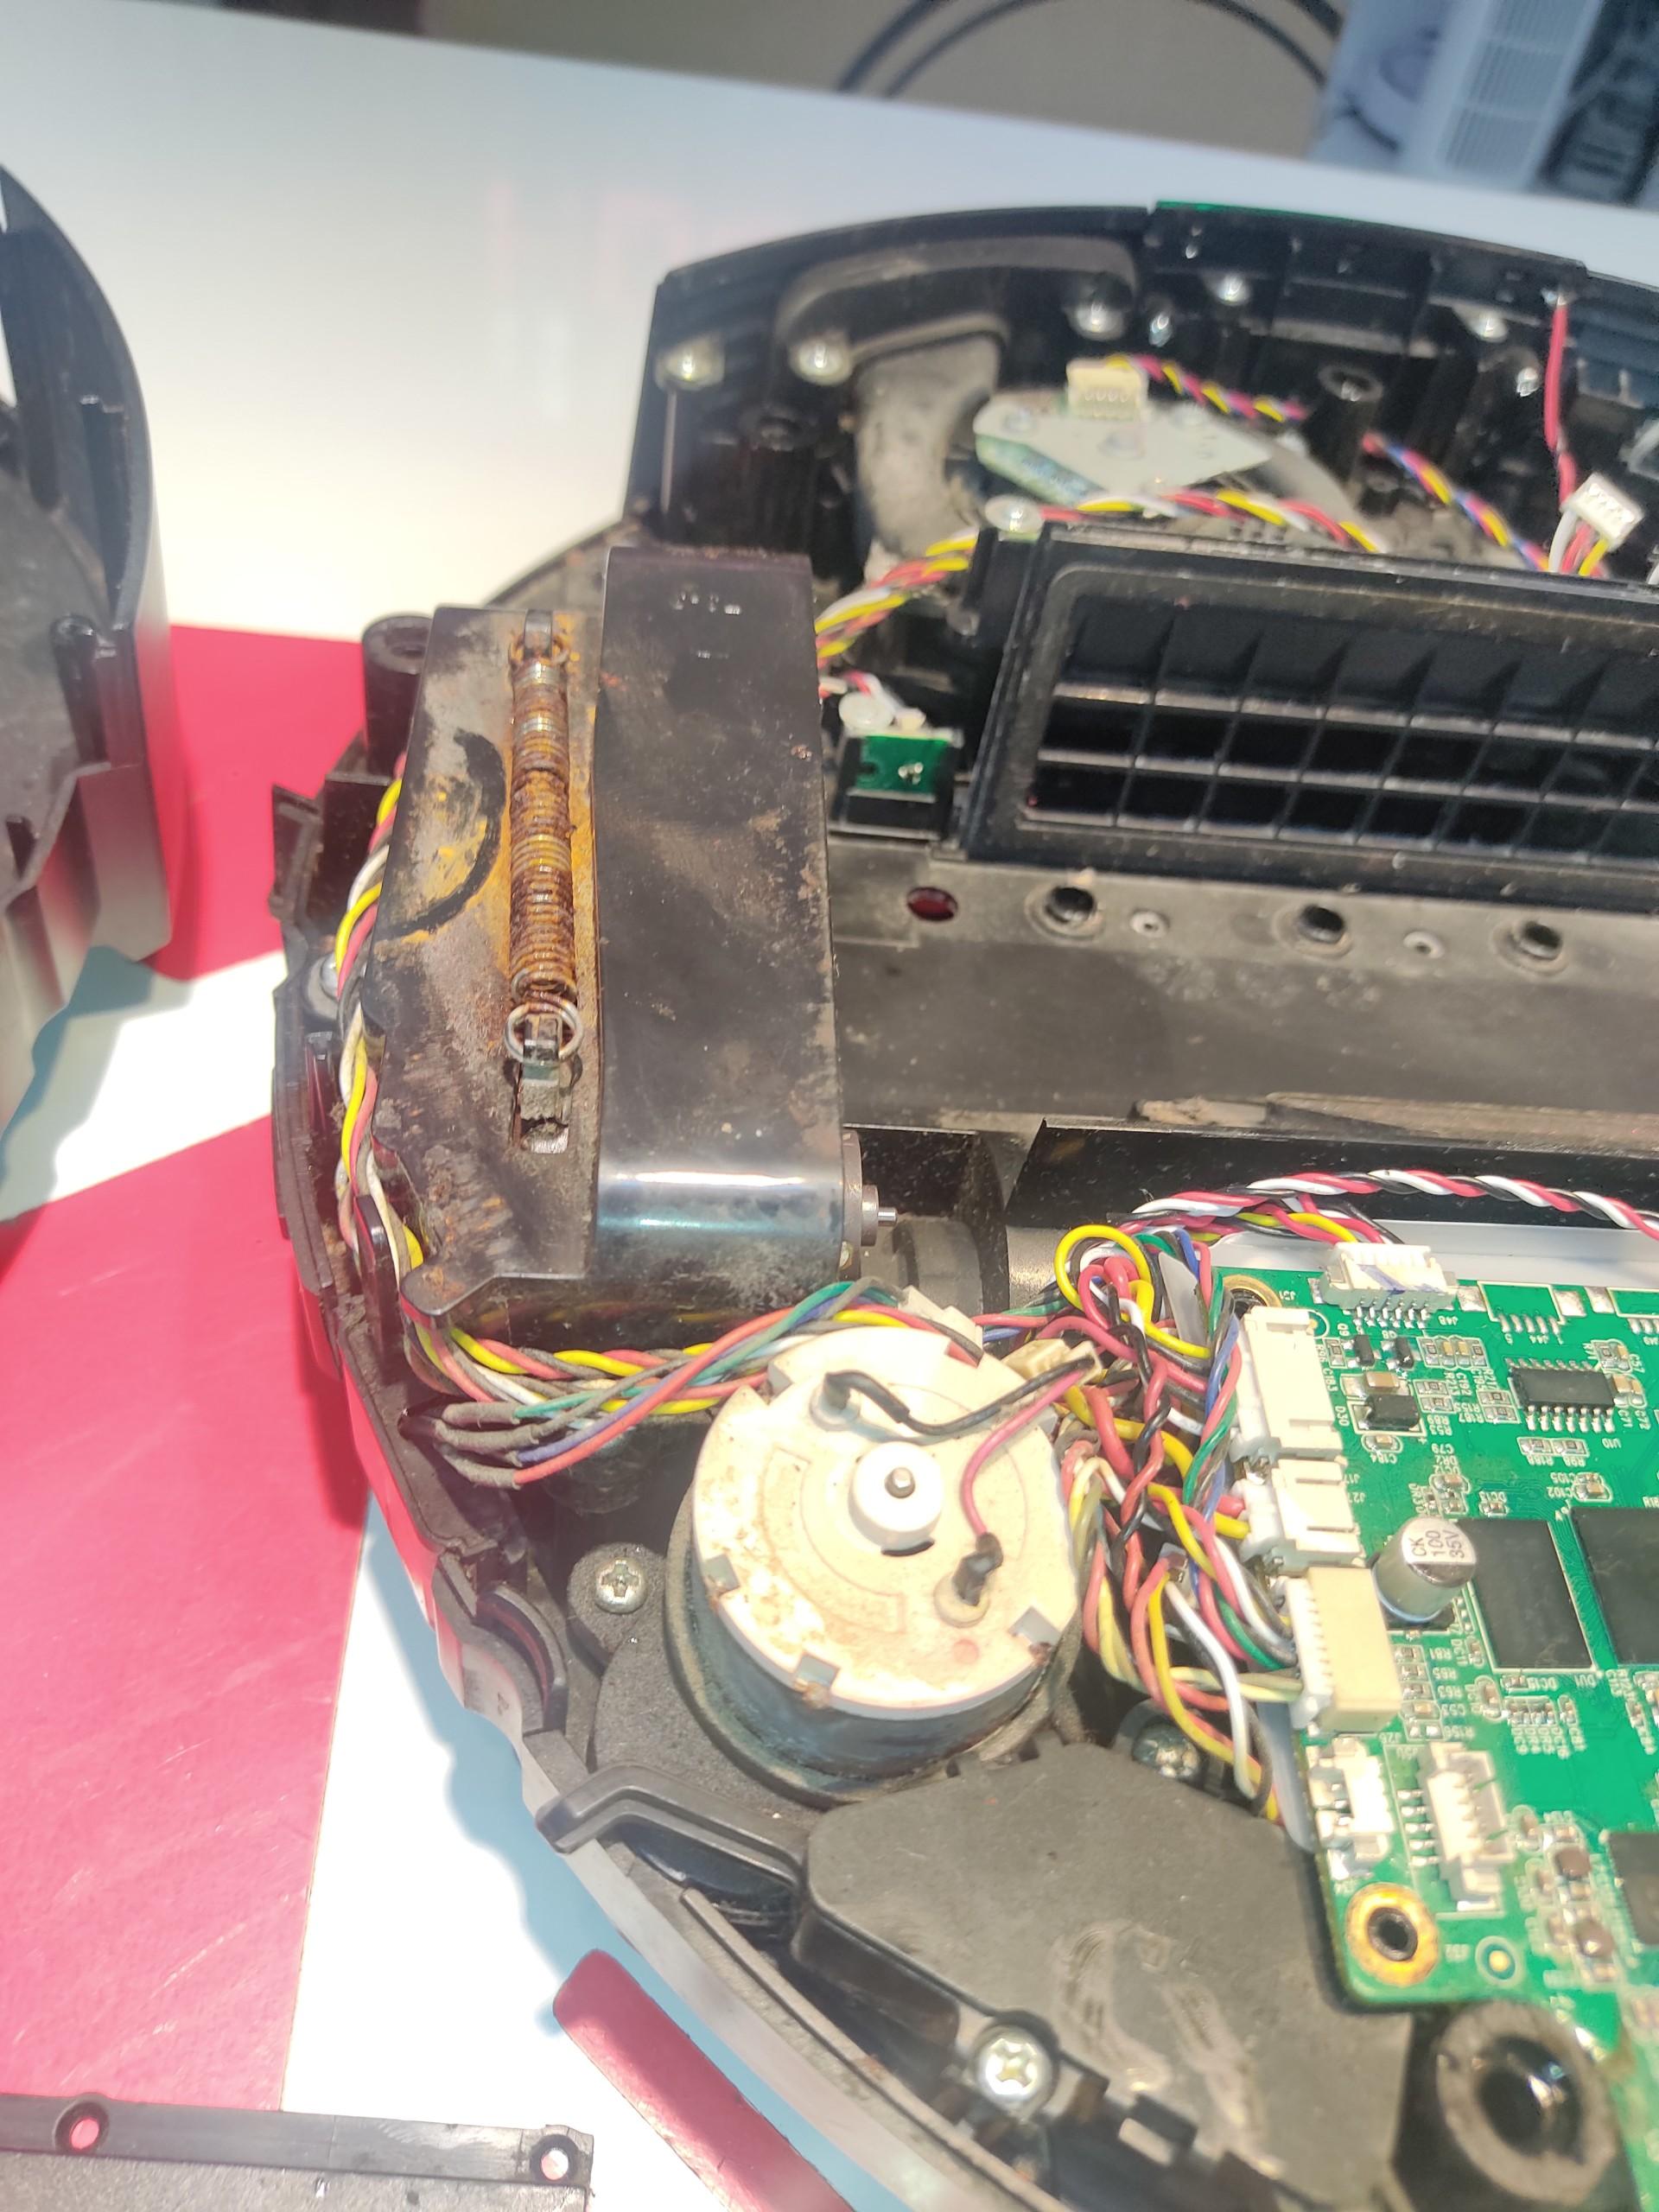 Sửa robot hút bụi Xiaomi Gen 2 bị lỗi đèn nhấp nháy không hoạt động sau khi vào nước